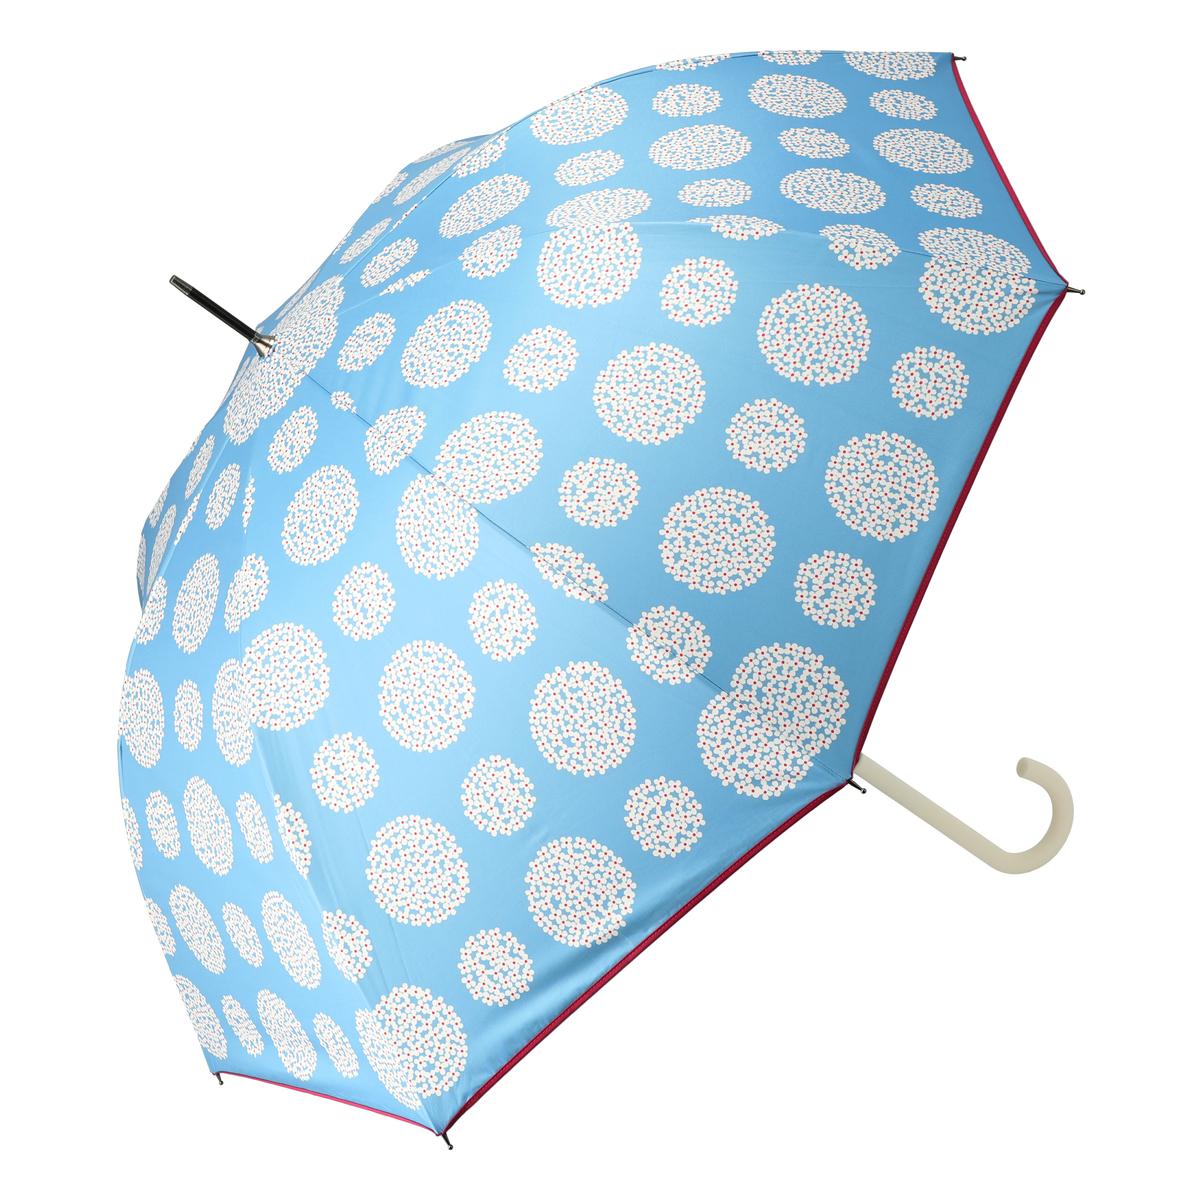 ルナジュメール UV+1級遮光+晴雨兼用 サークル花長傘